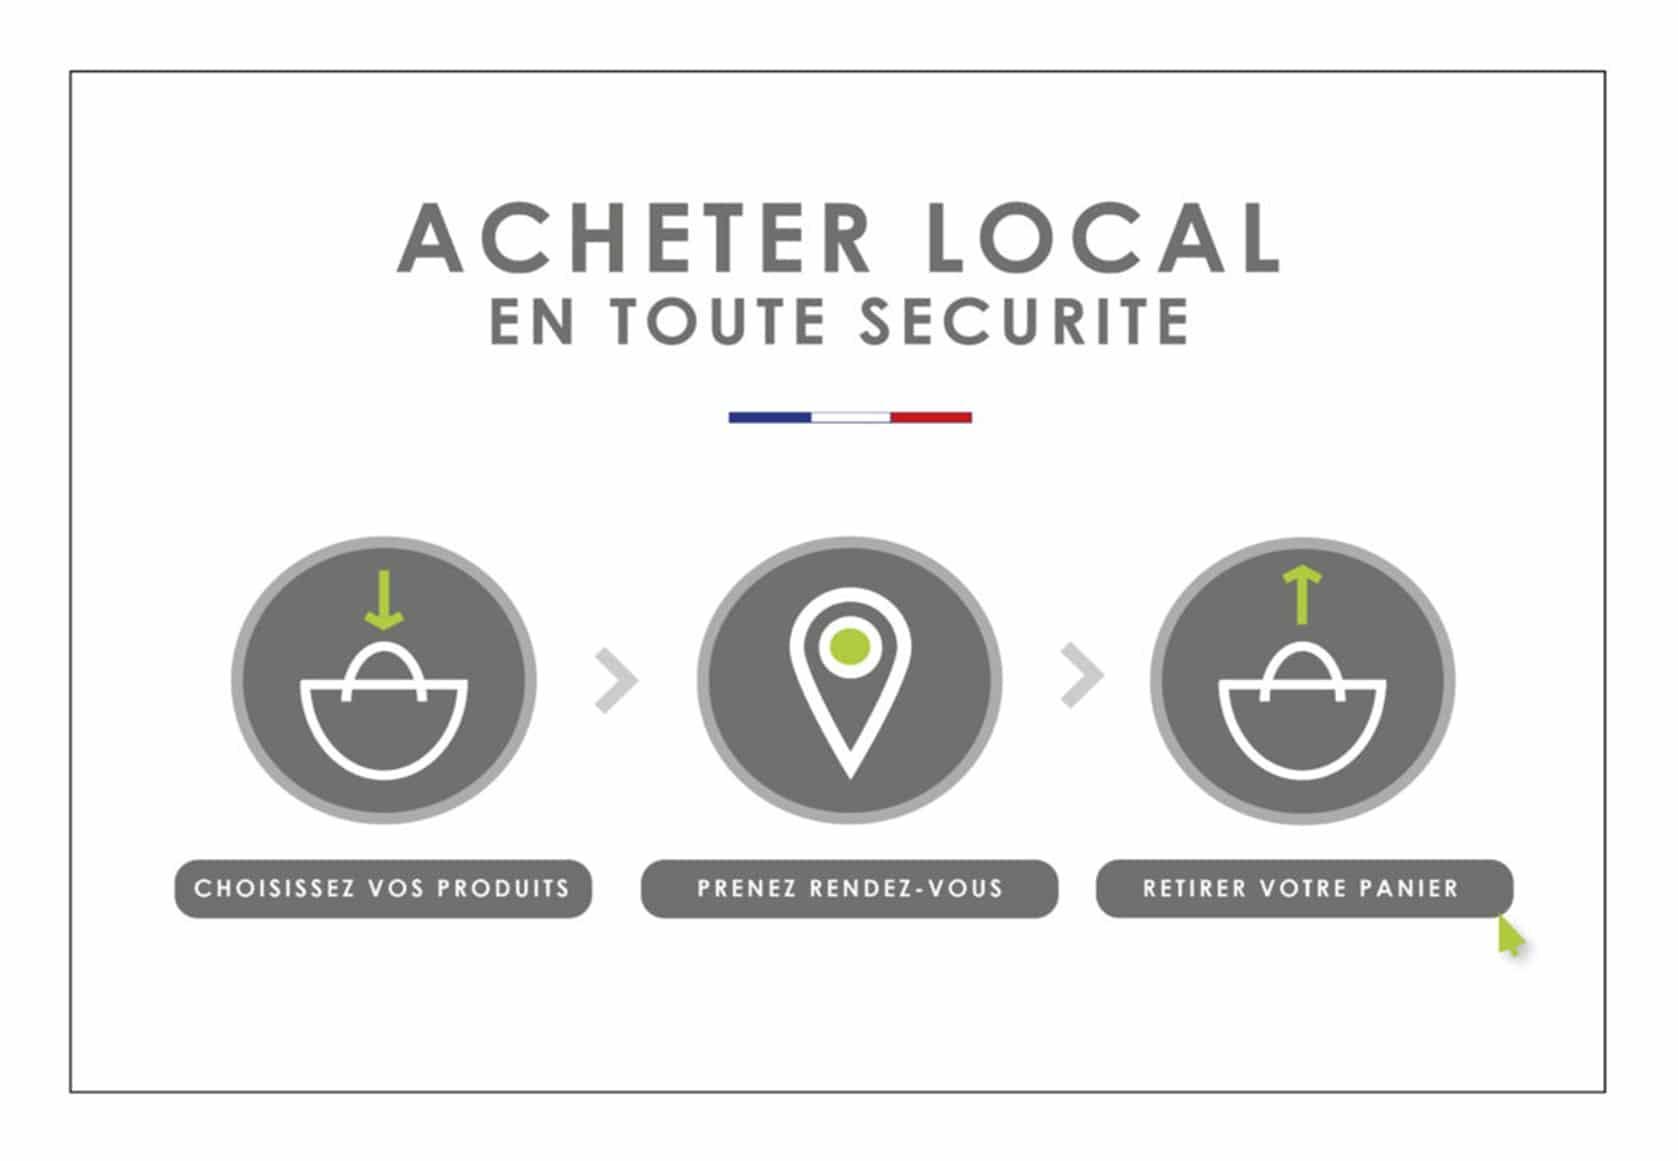 Nouveau canal de vente : le click and collect